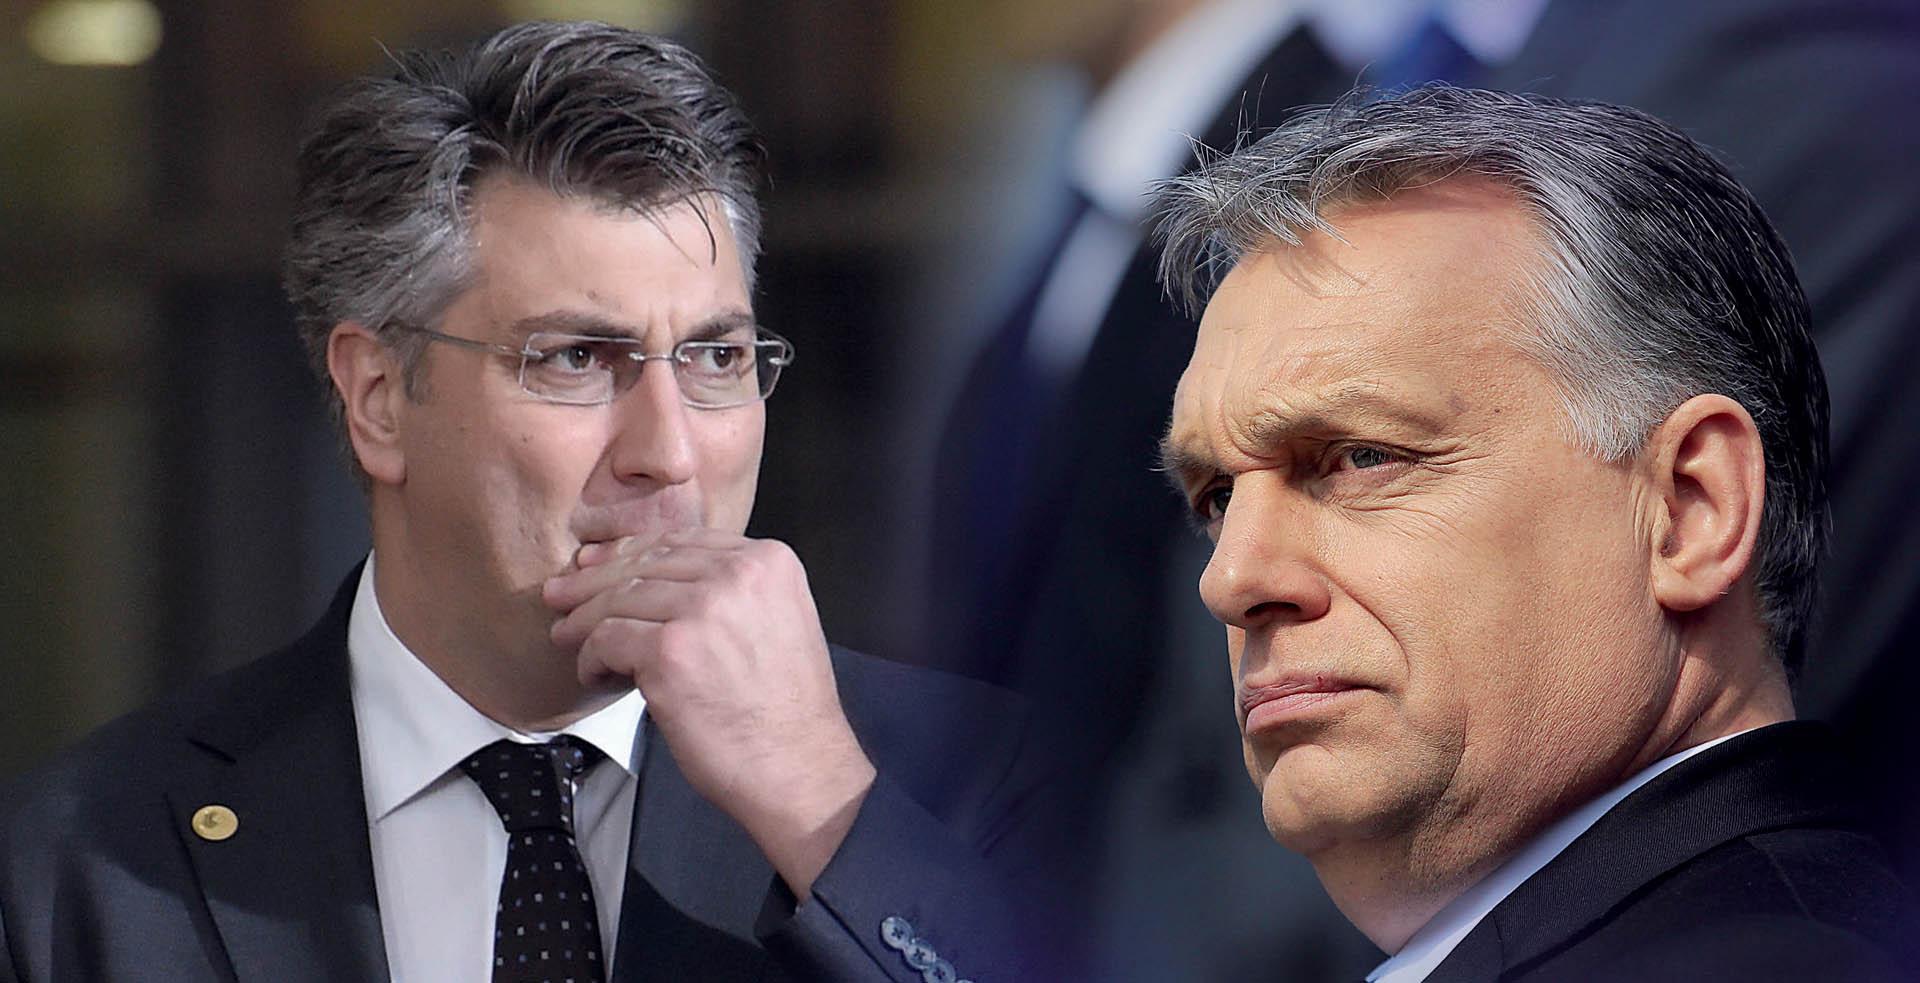 EKSKLUZIVNI DOKUMENTI MOL novom zavjerom šteti hrvatskoj energetskoj suverenosti